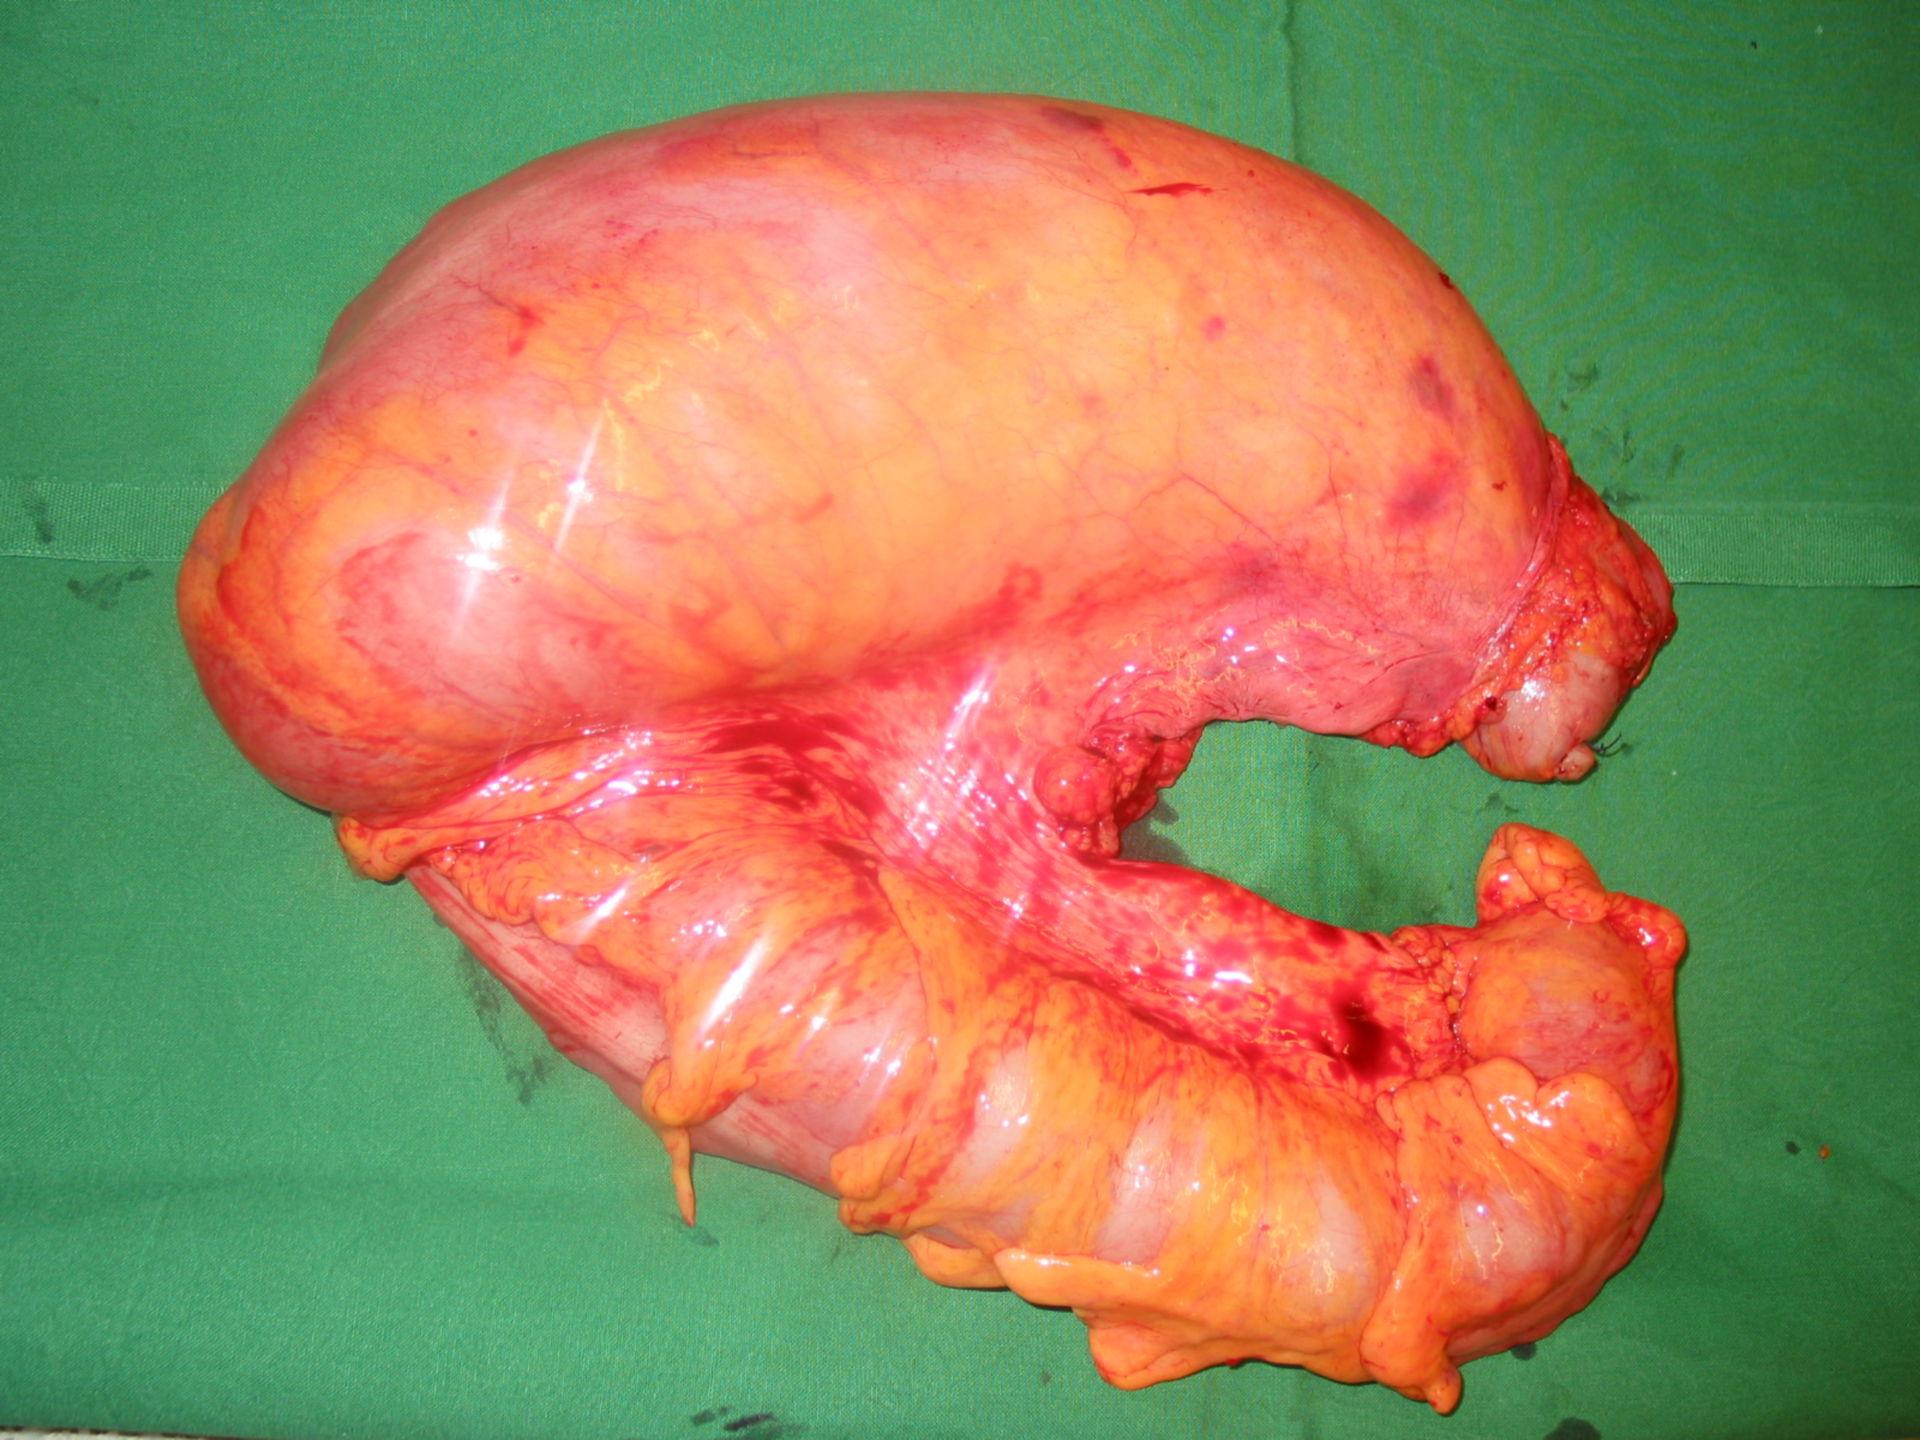 Morbus Hirschsprung - ODS (obstruktives Defäkationssyndrom)